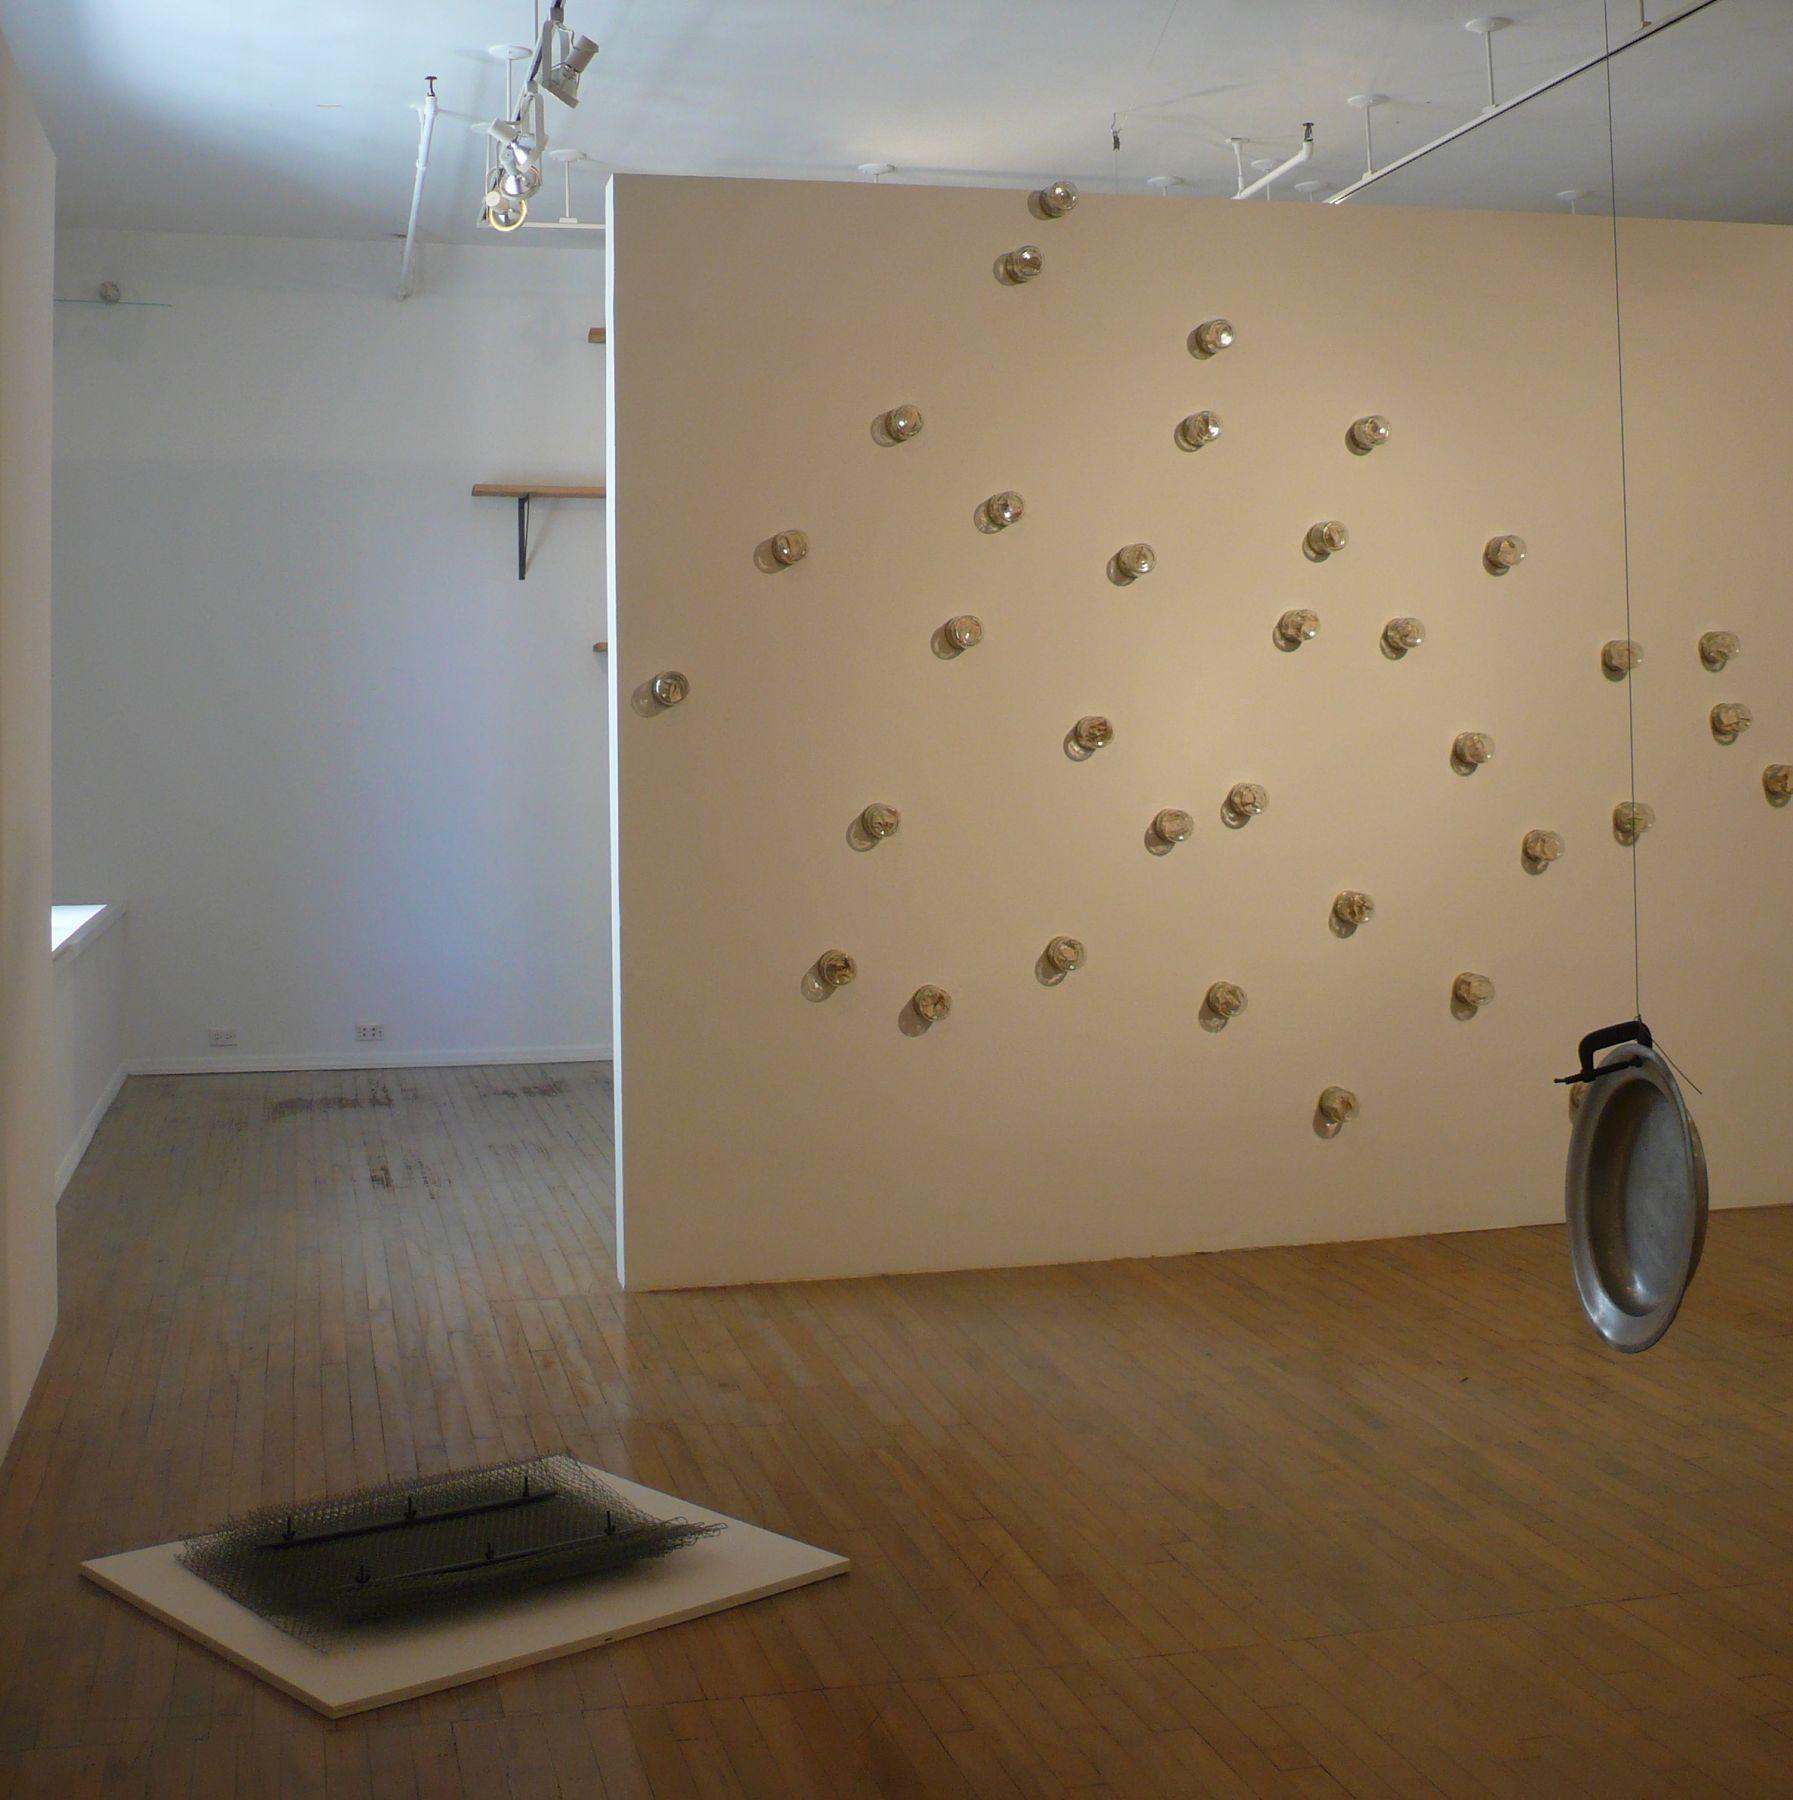 Richard Wentworth – installation view 4